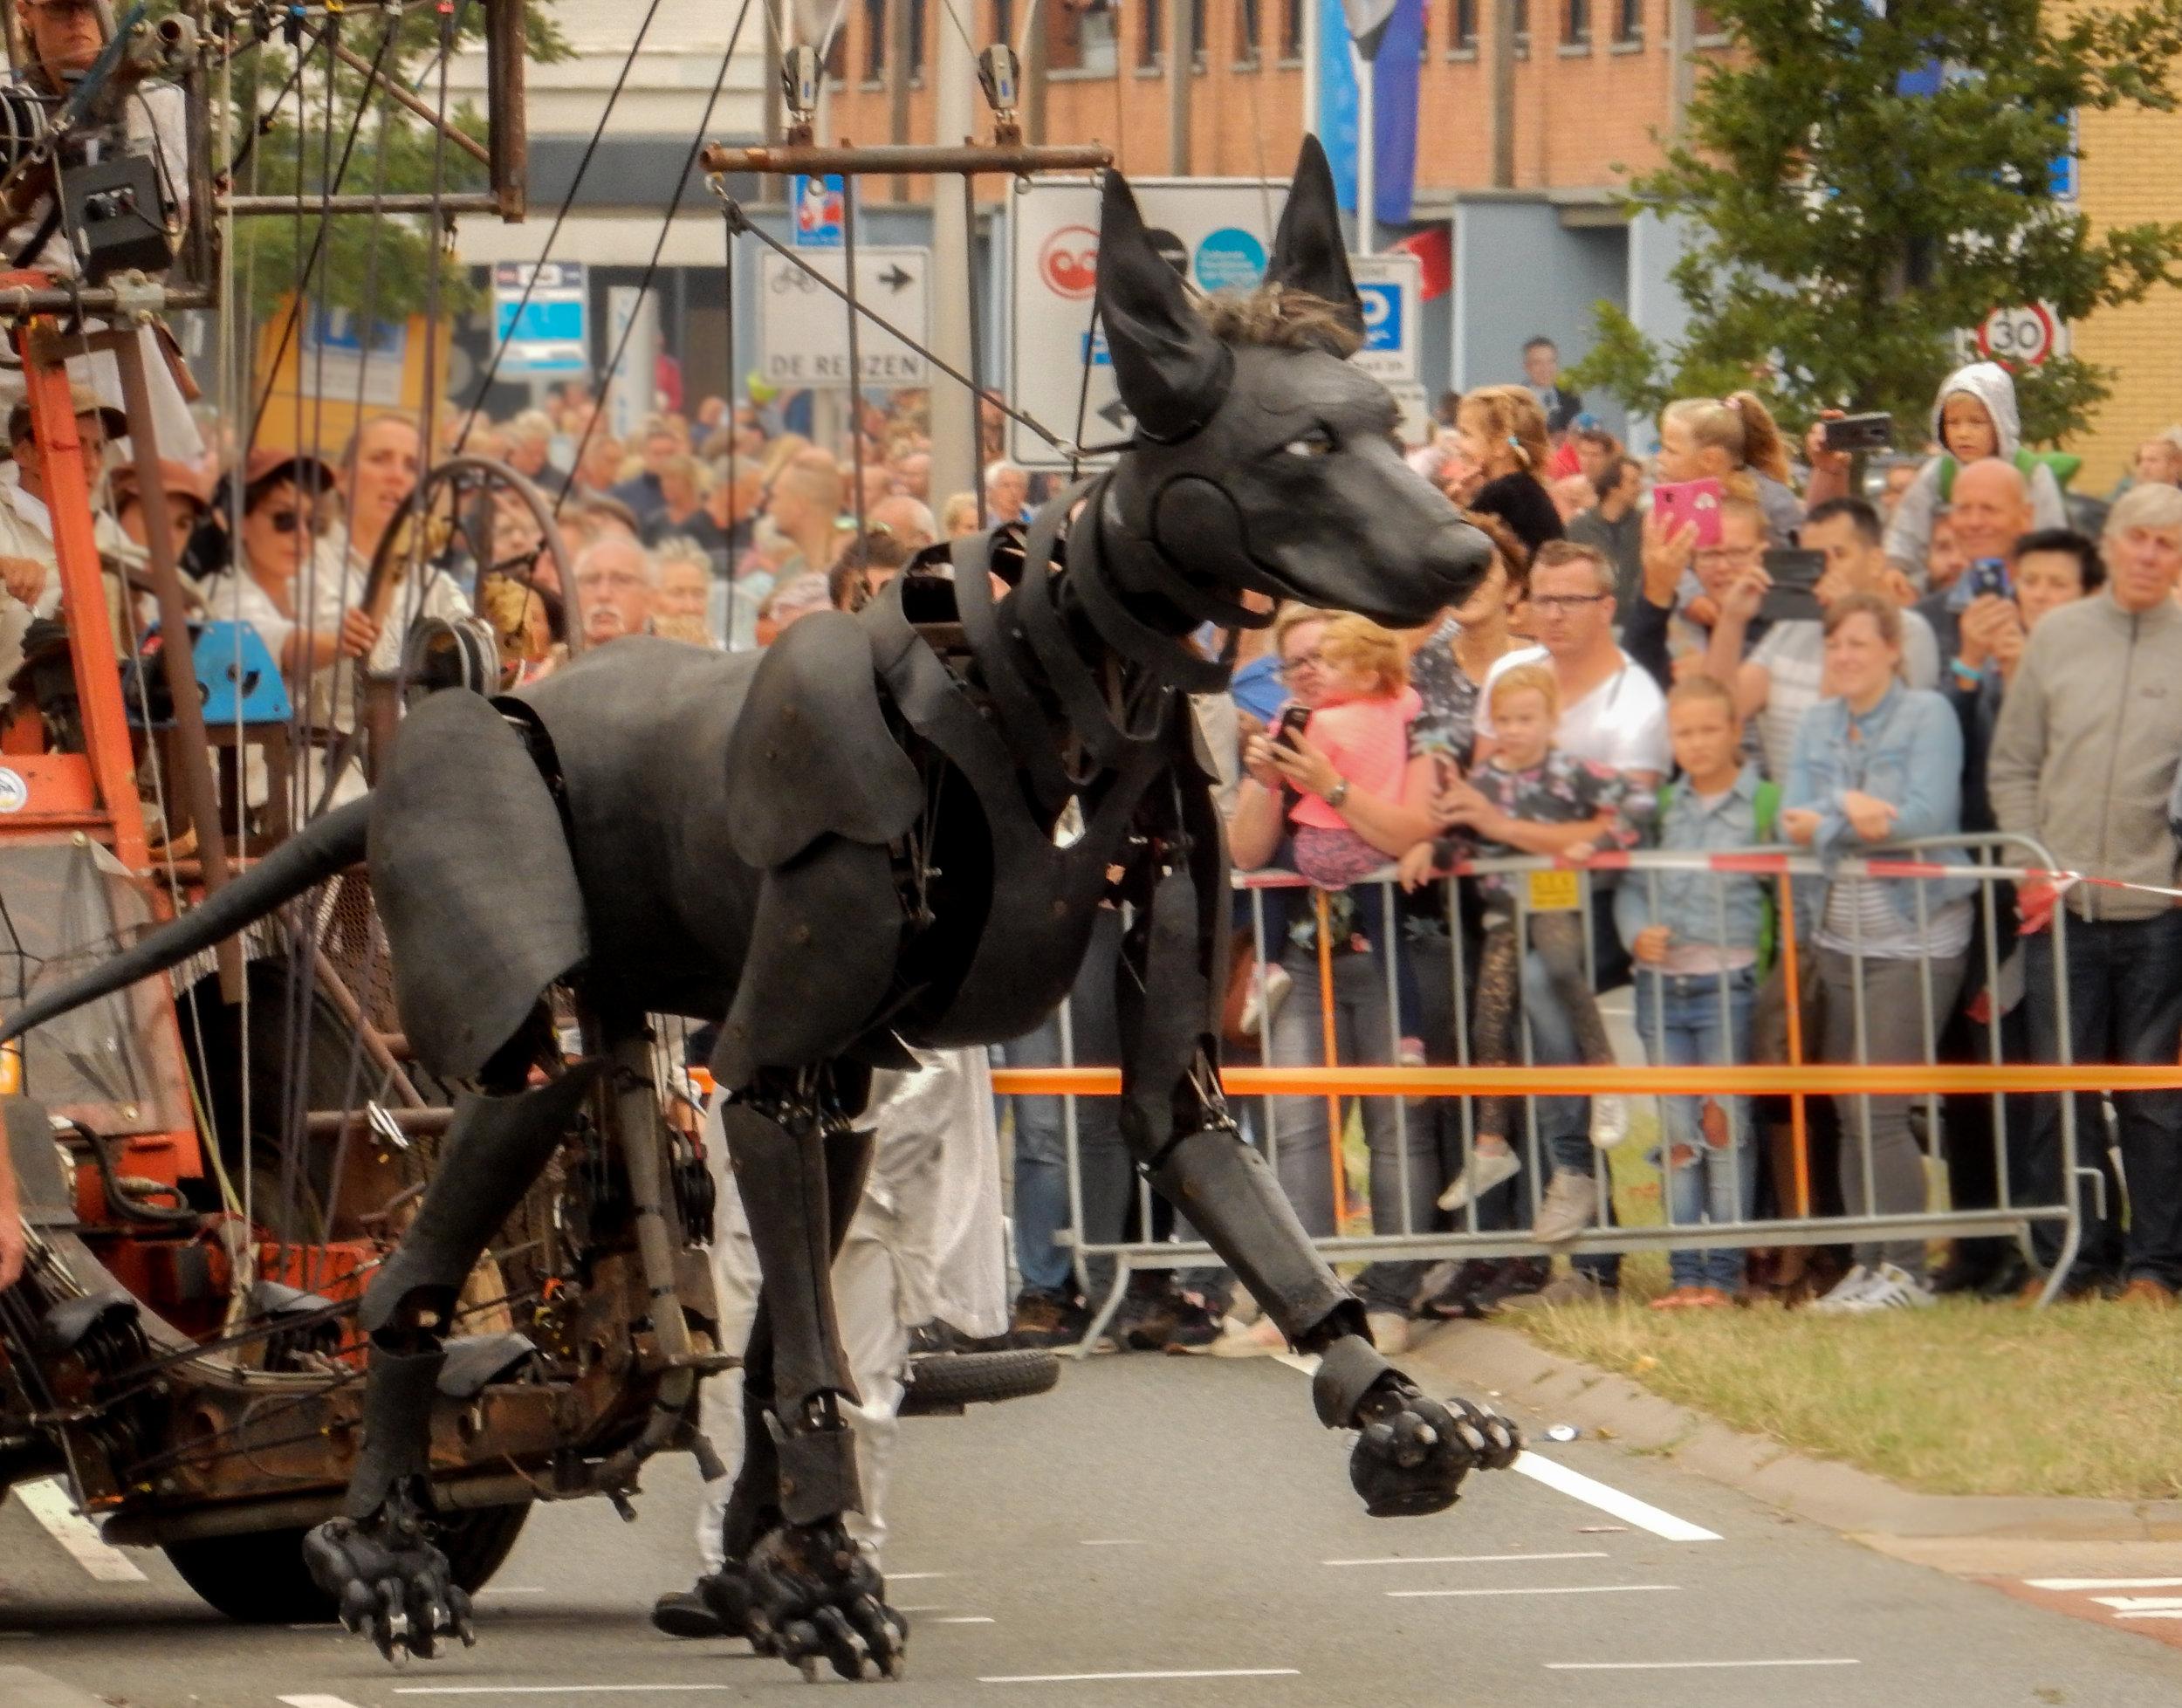 De Reuzen - Leeuwarden culturele hoofdstad van Europa